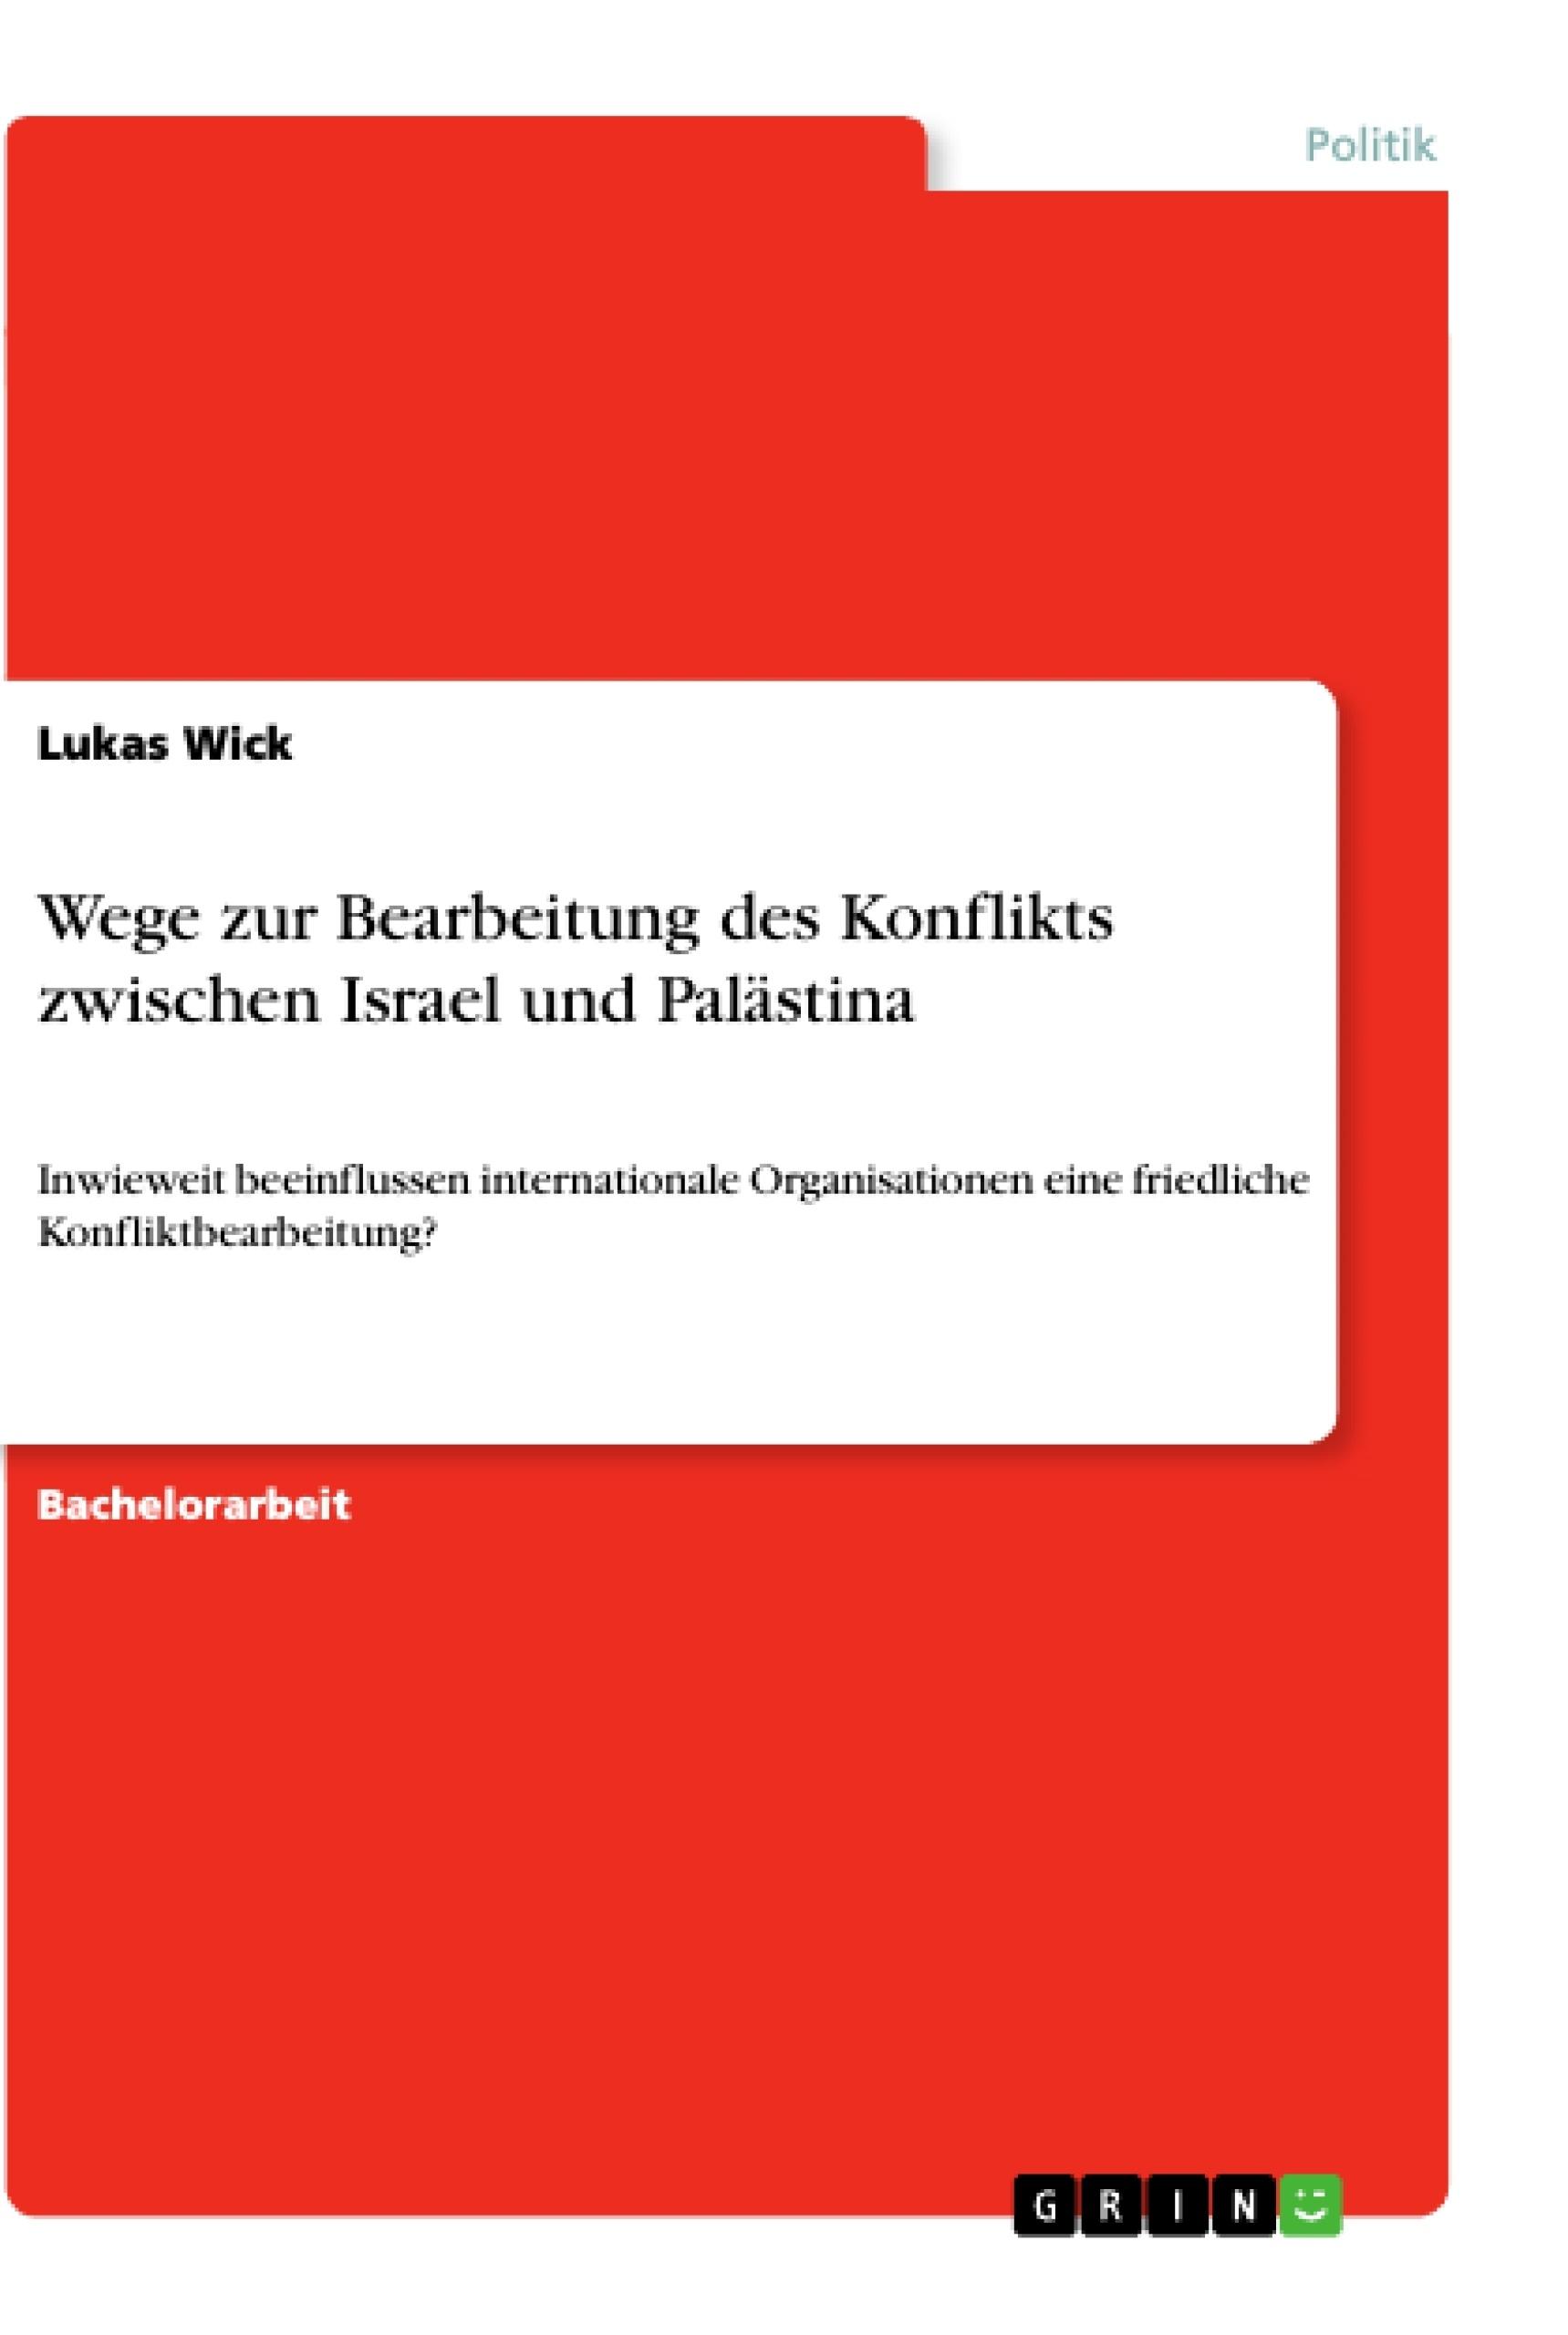 Titel: Wege zur Bearbeitung des Konflikts zwischen Israel und Palästina